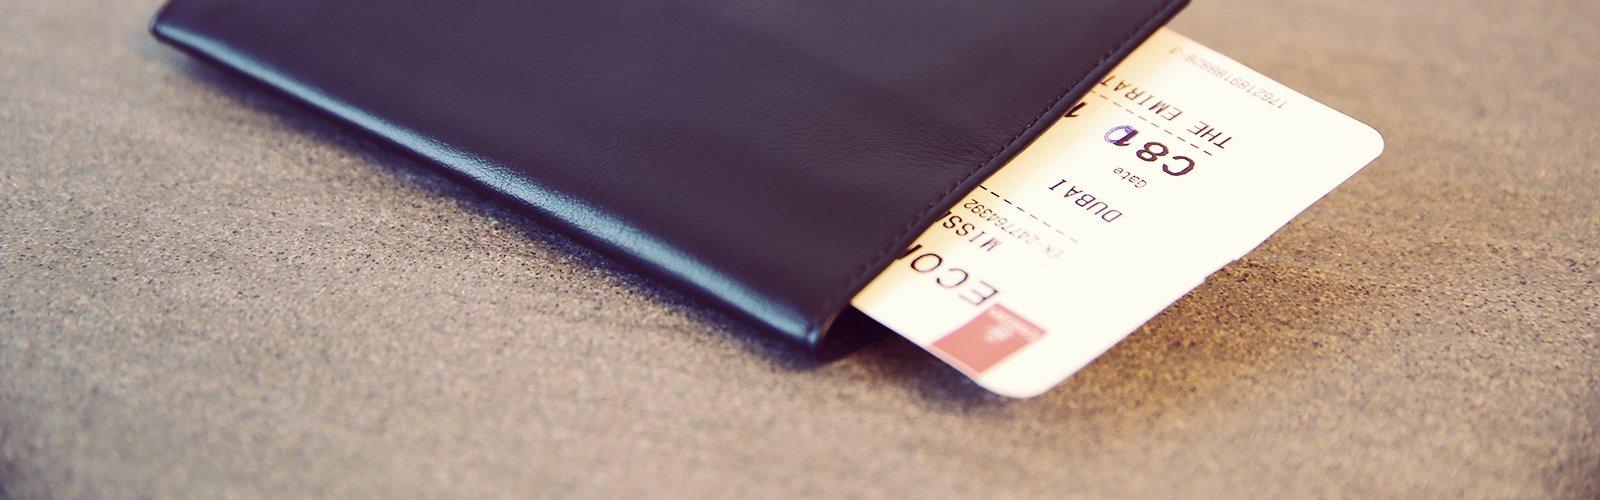 Universal Passport Cover